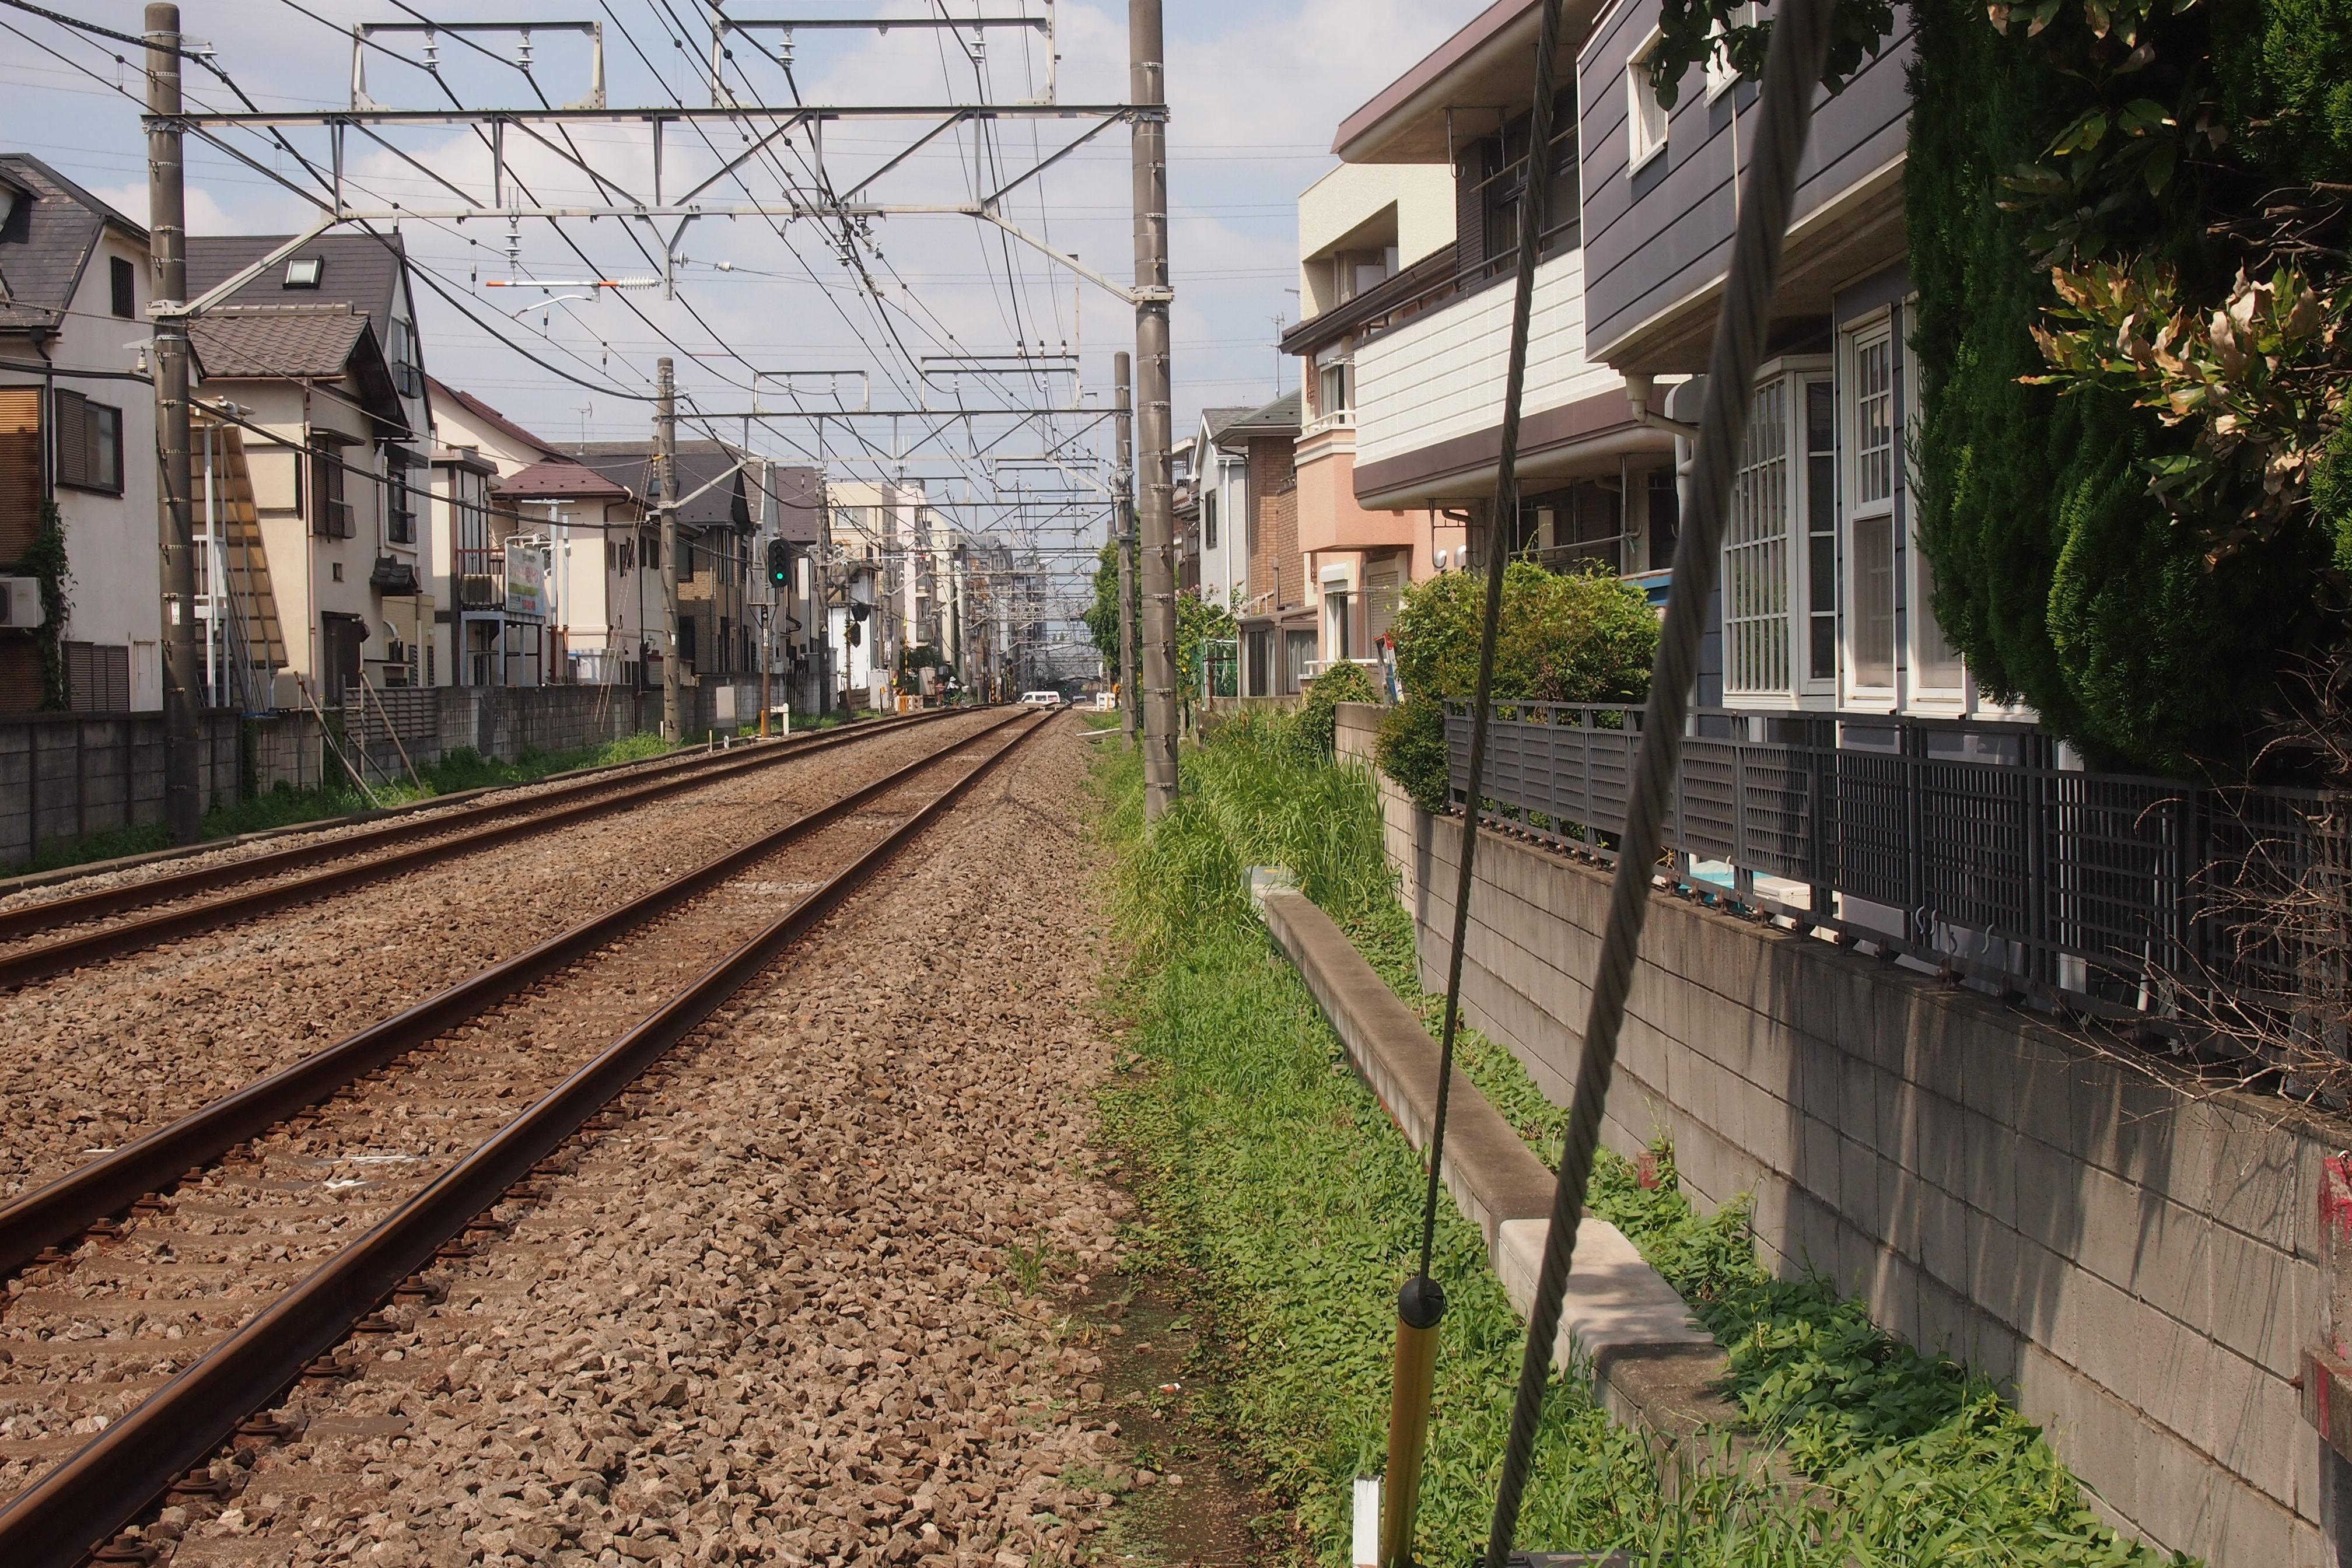 線路際まで住宅が建ち並ぶ西武新宿線。立ち退きの不安が広がる